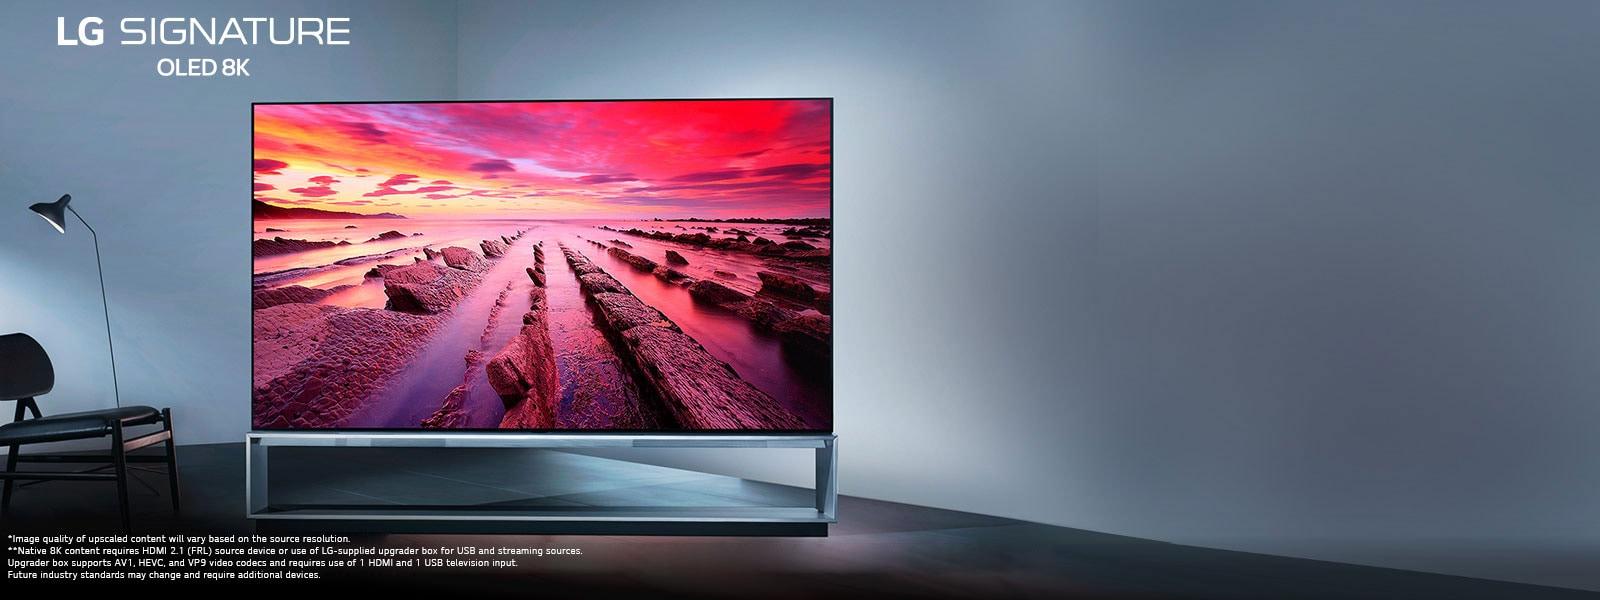 LG OLED TV 8K